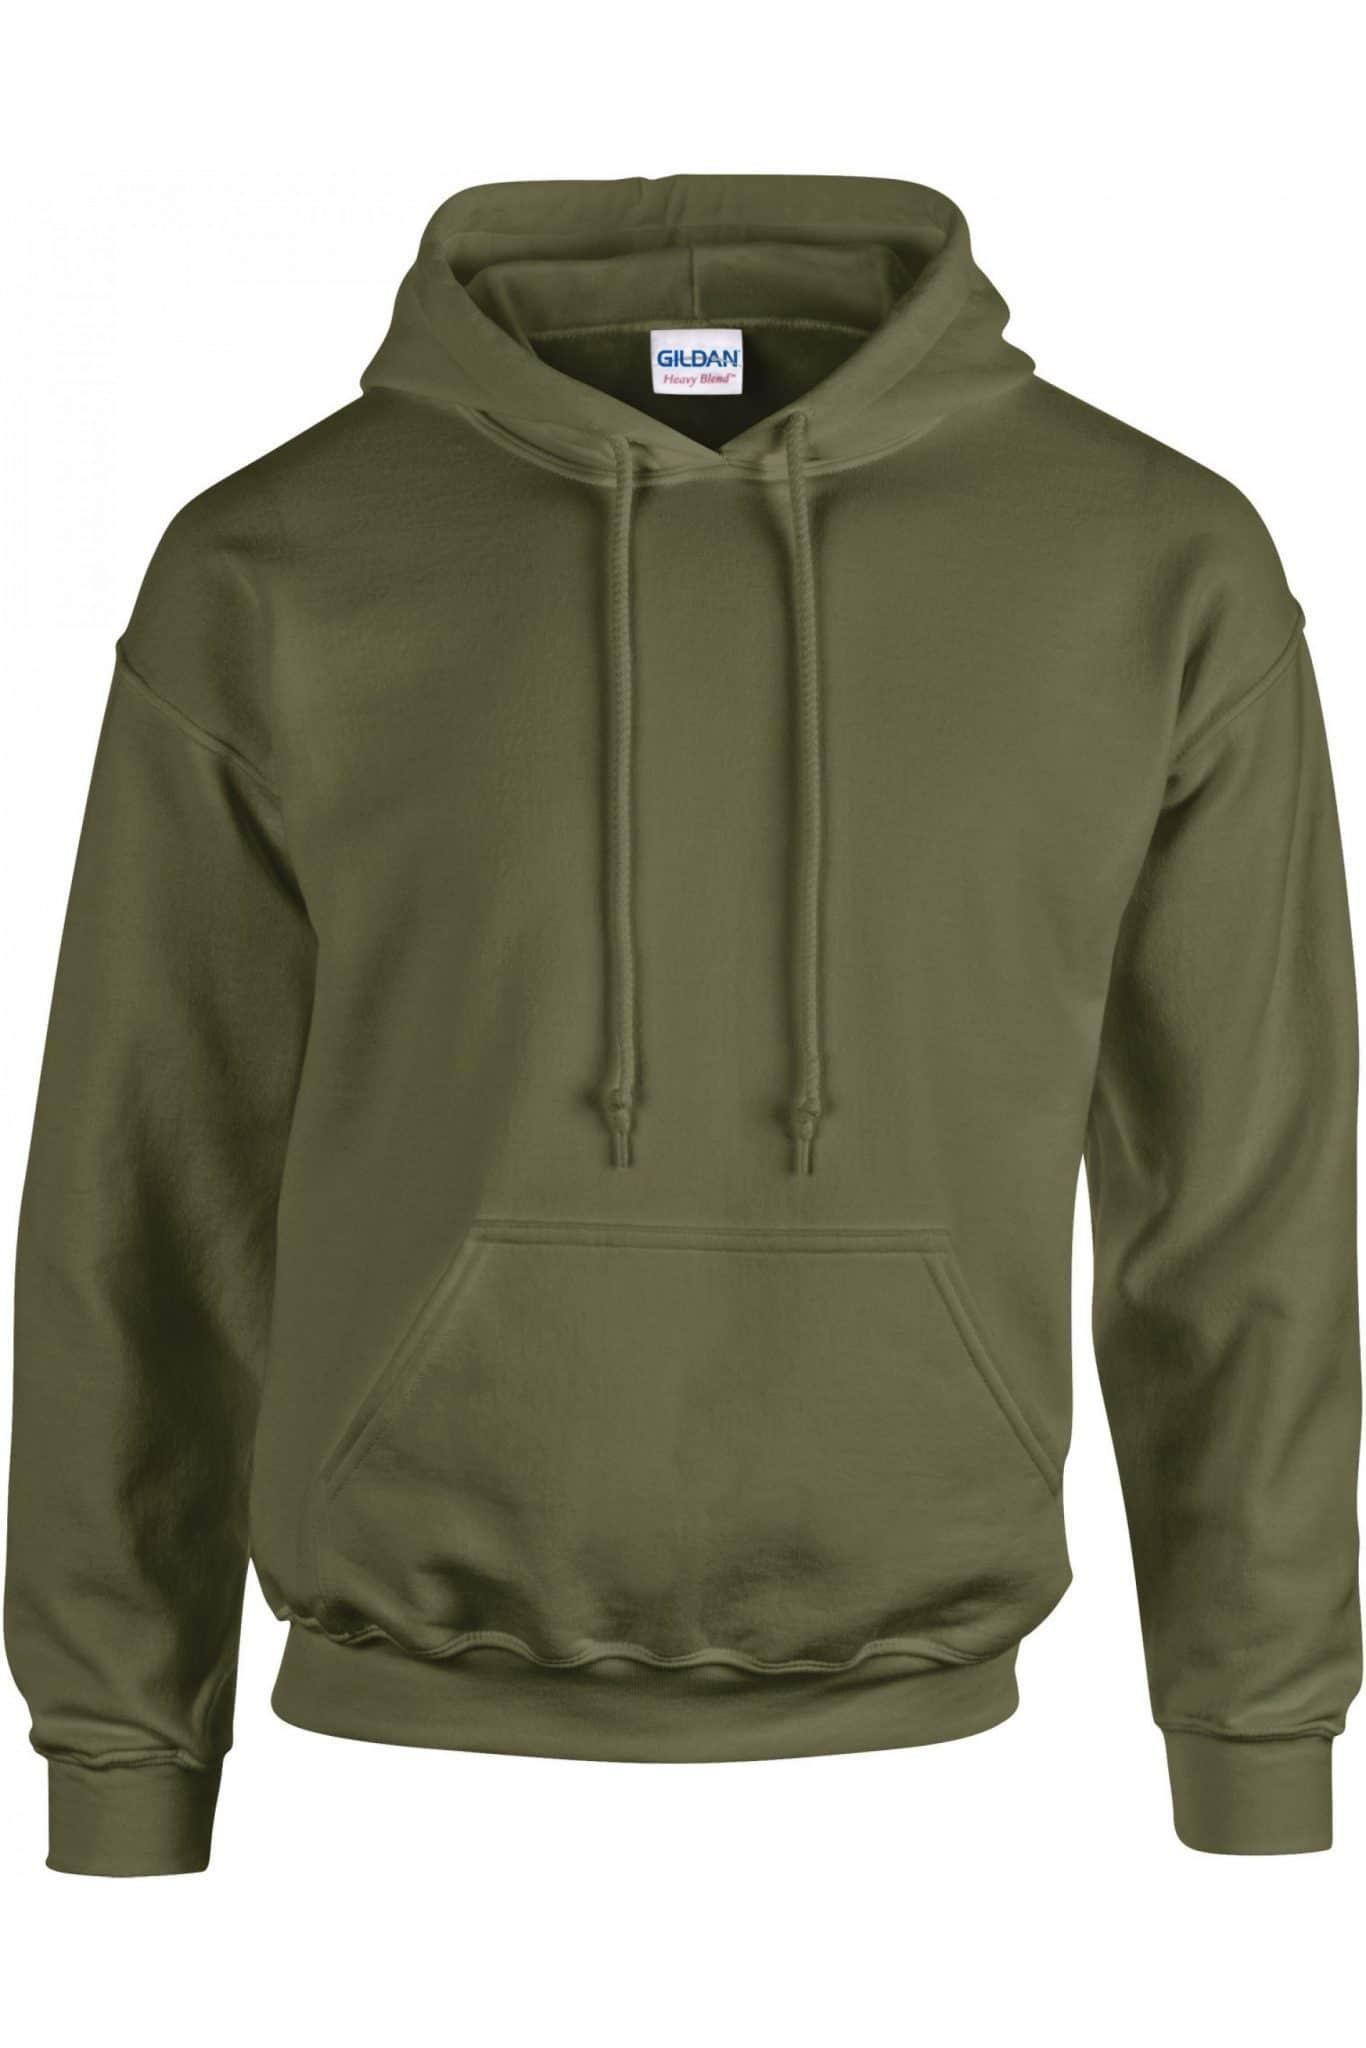 Gildan G18500 hoodie